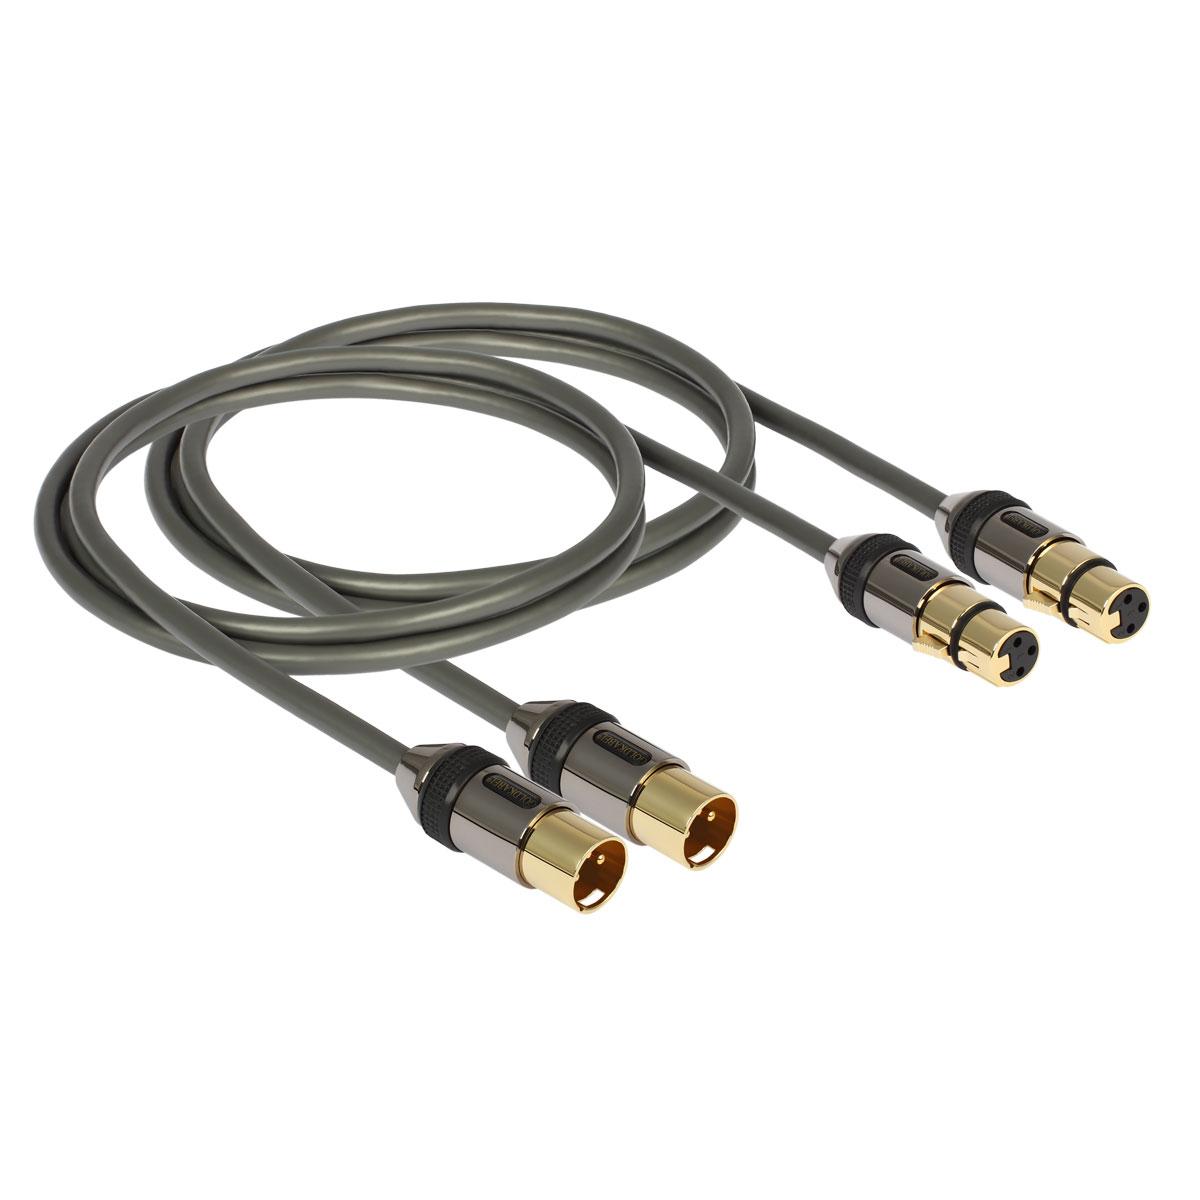 Goldkabel Profi XLR Stereo Kabel 0,75m 57063